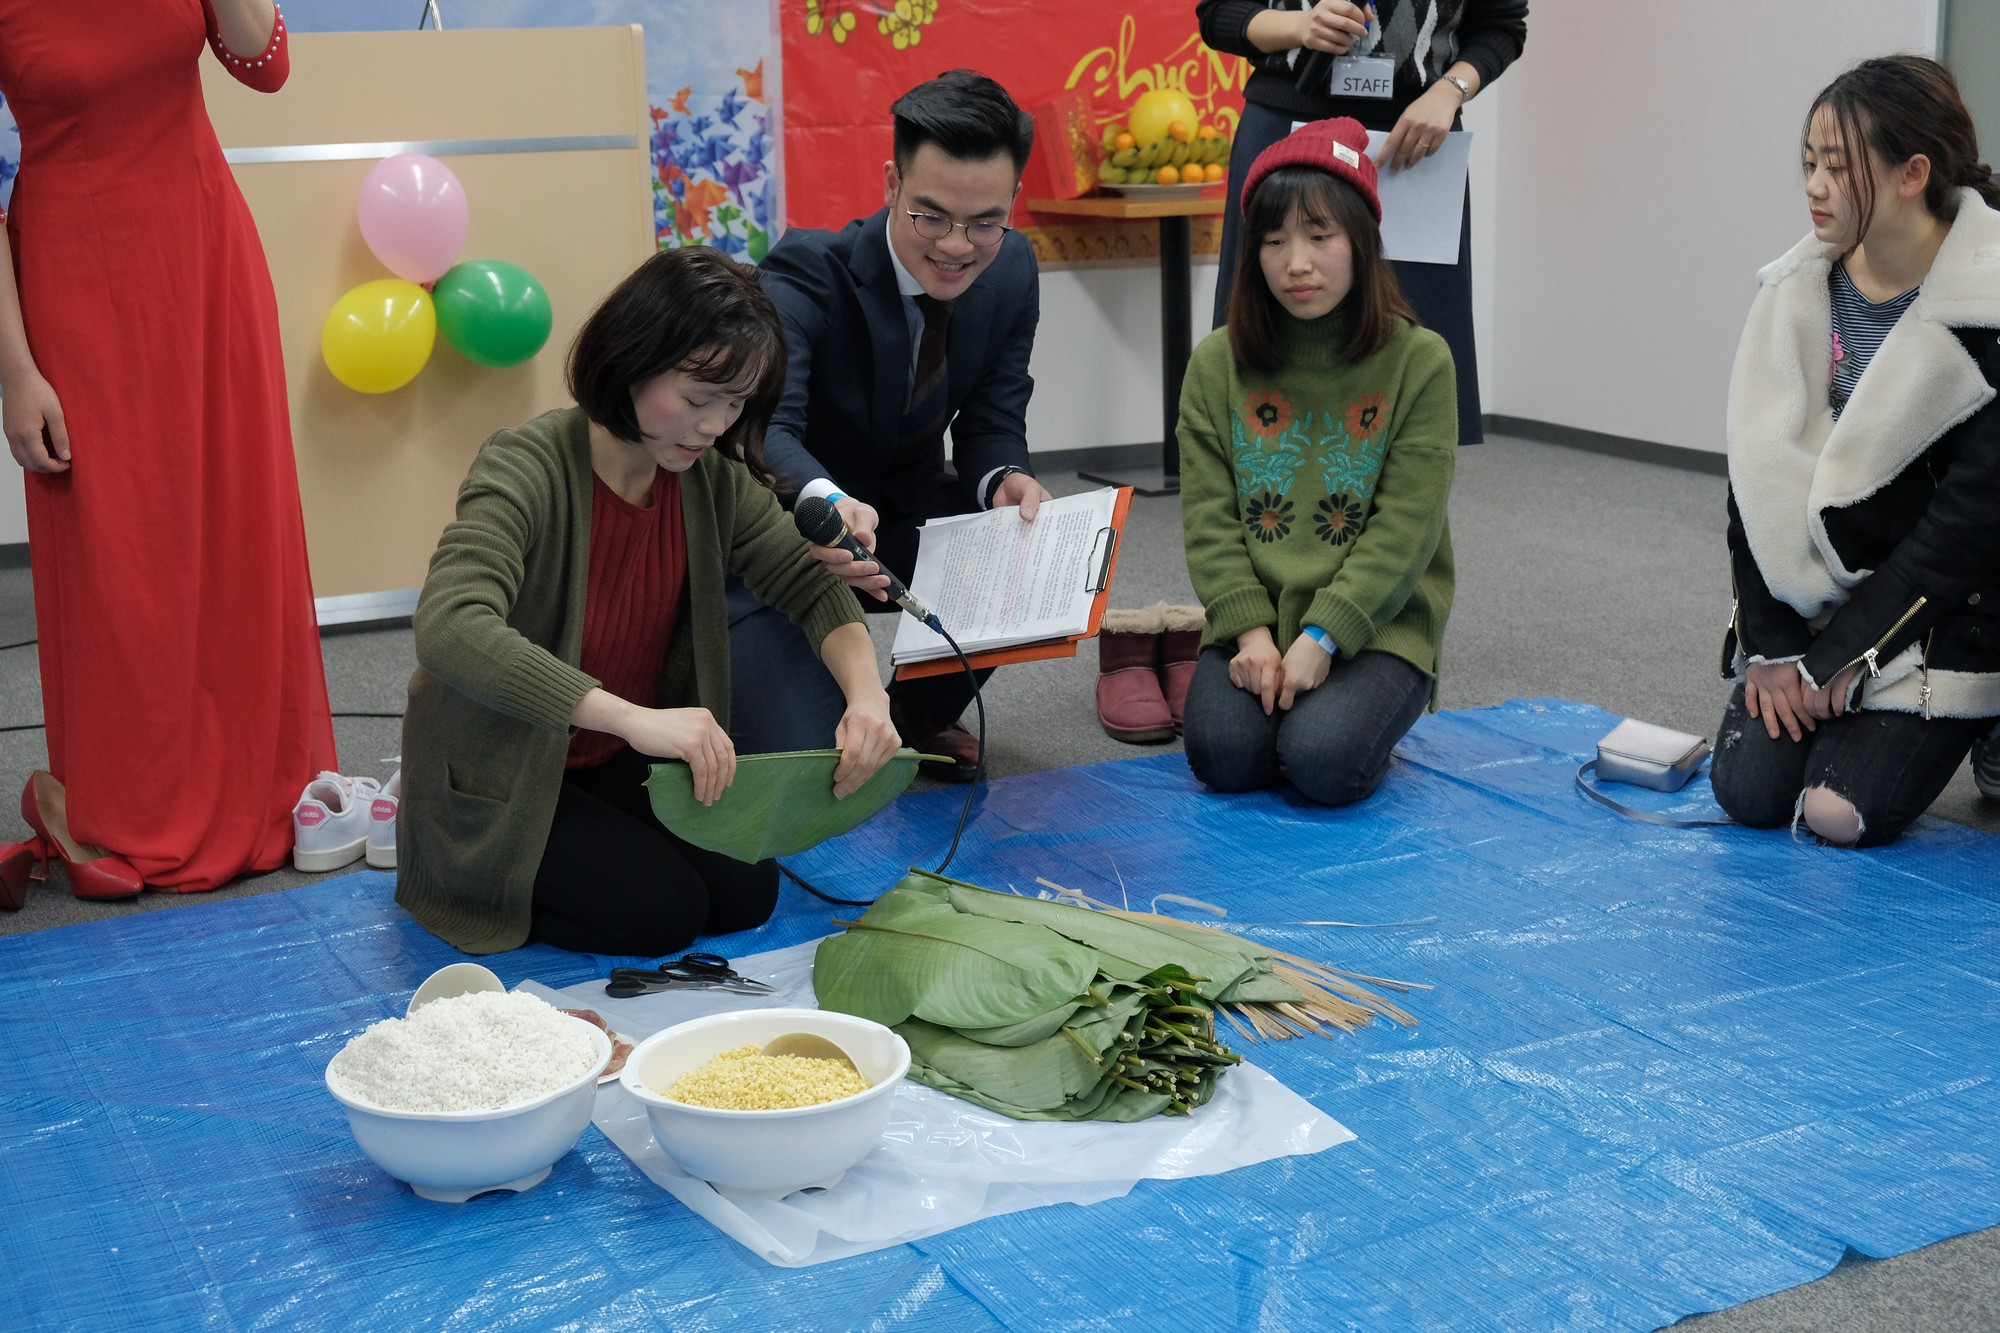 Ở nhà chưa thấy Tết đâu nhưng DHS Việt ở Nhật đã đón Tết rất hoành tráng rồi - Ảnh 5.